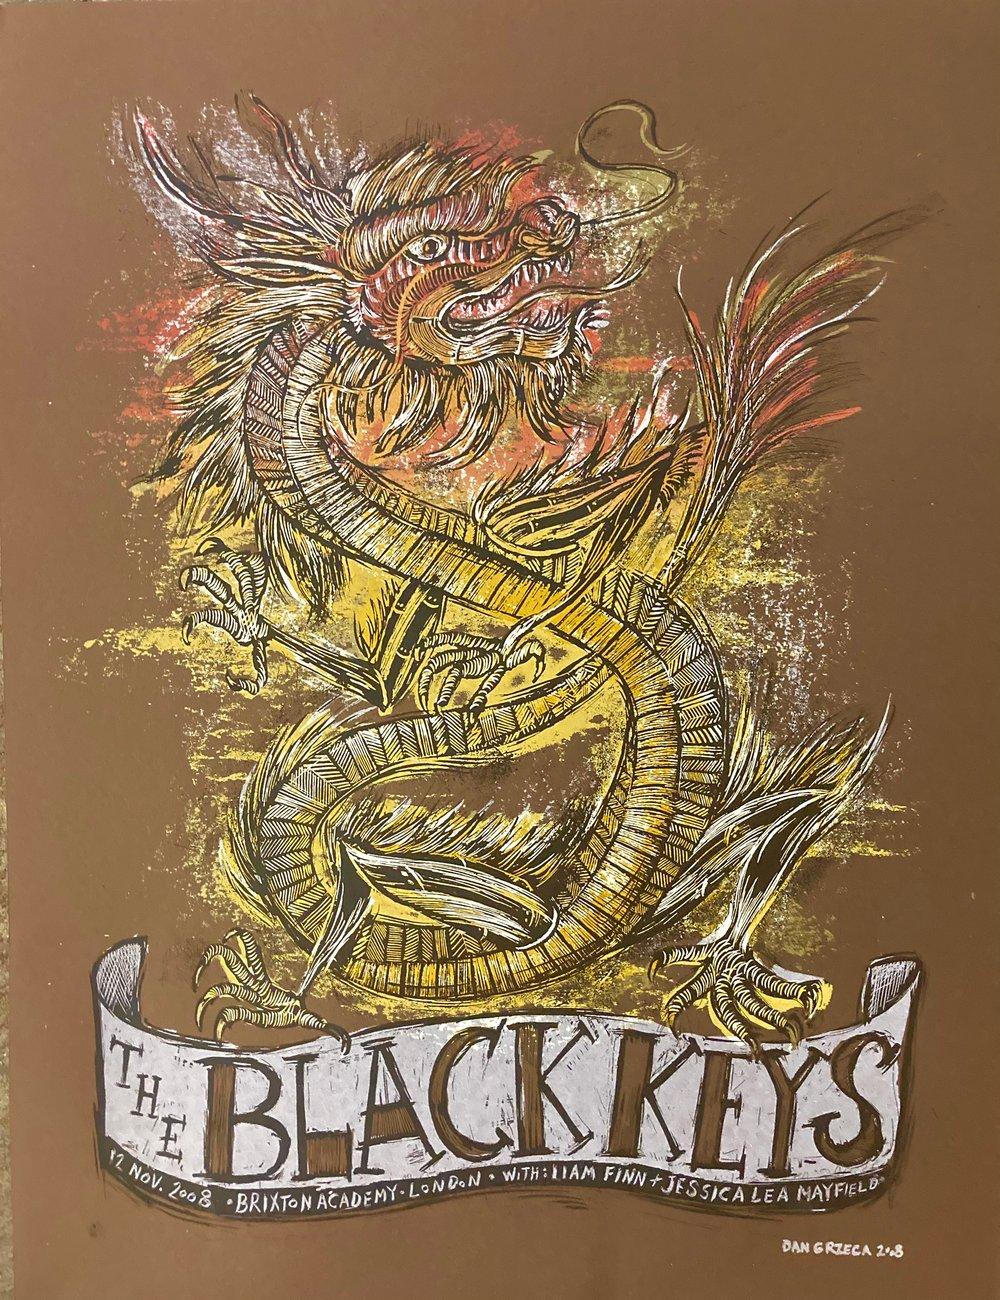 The Black Keys London 2008